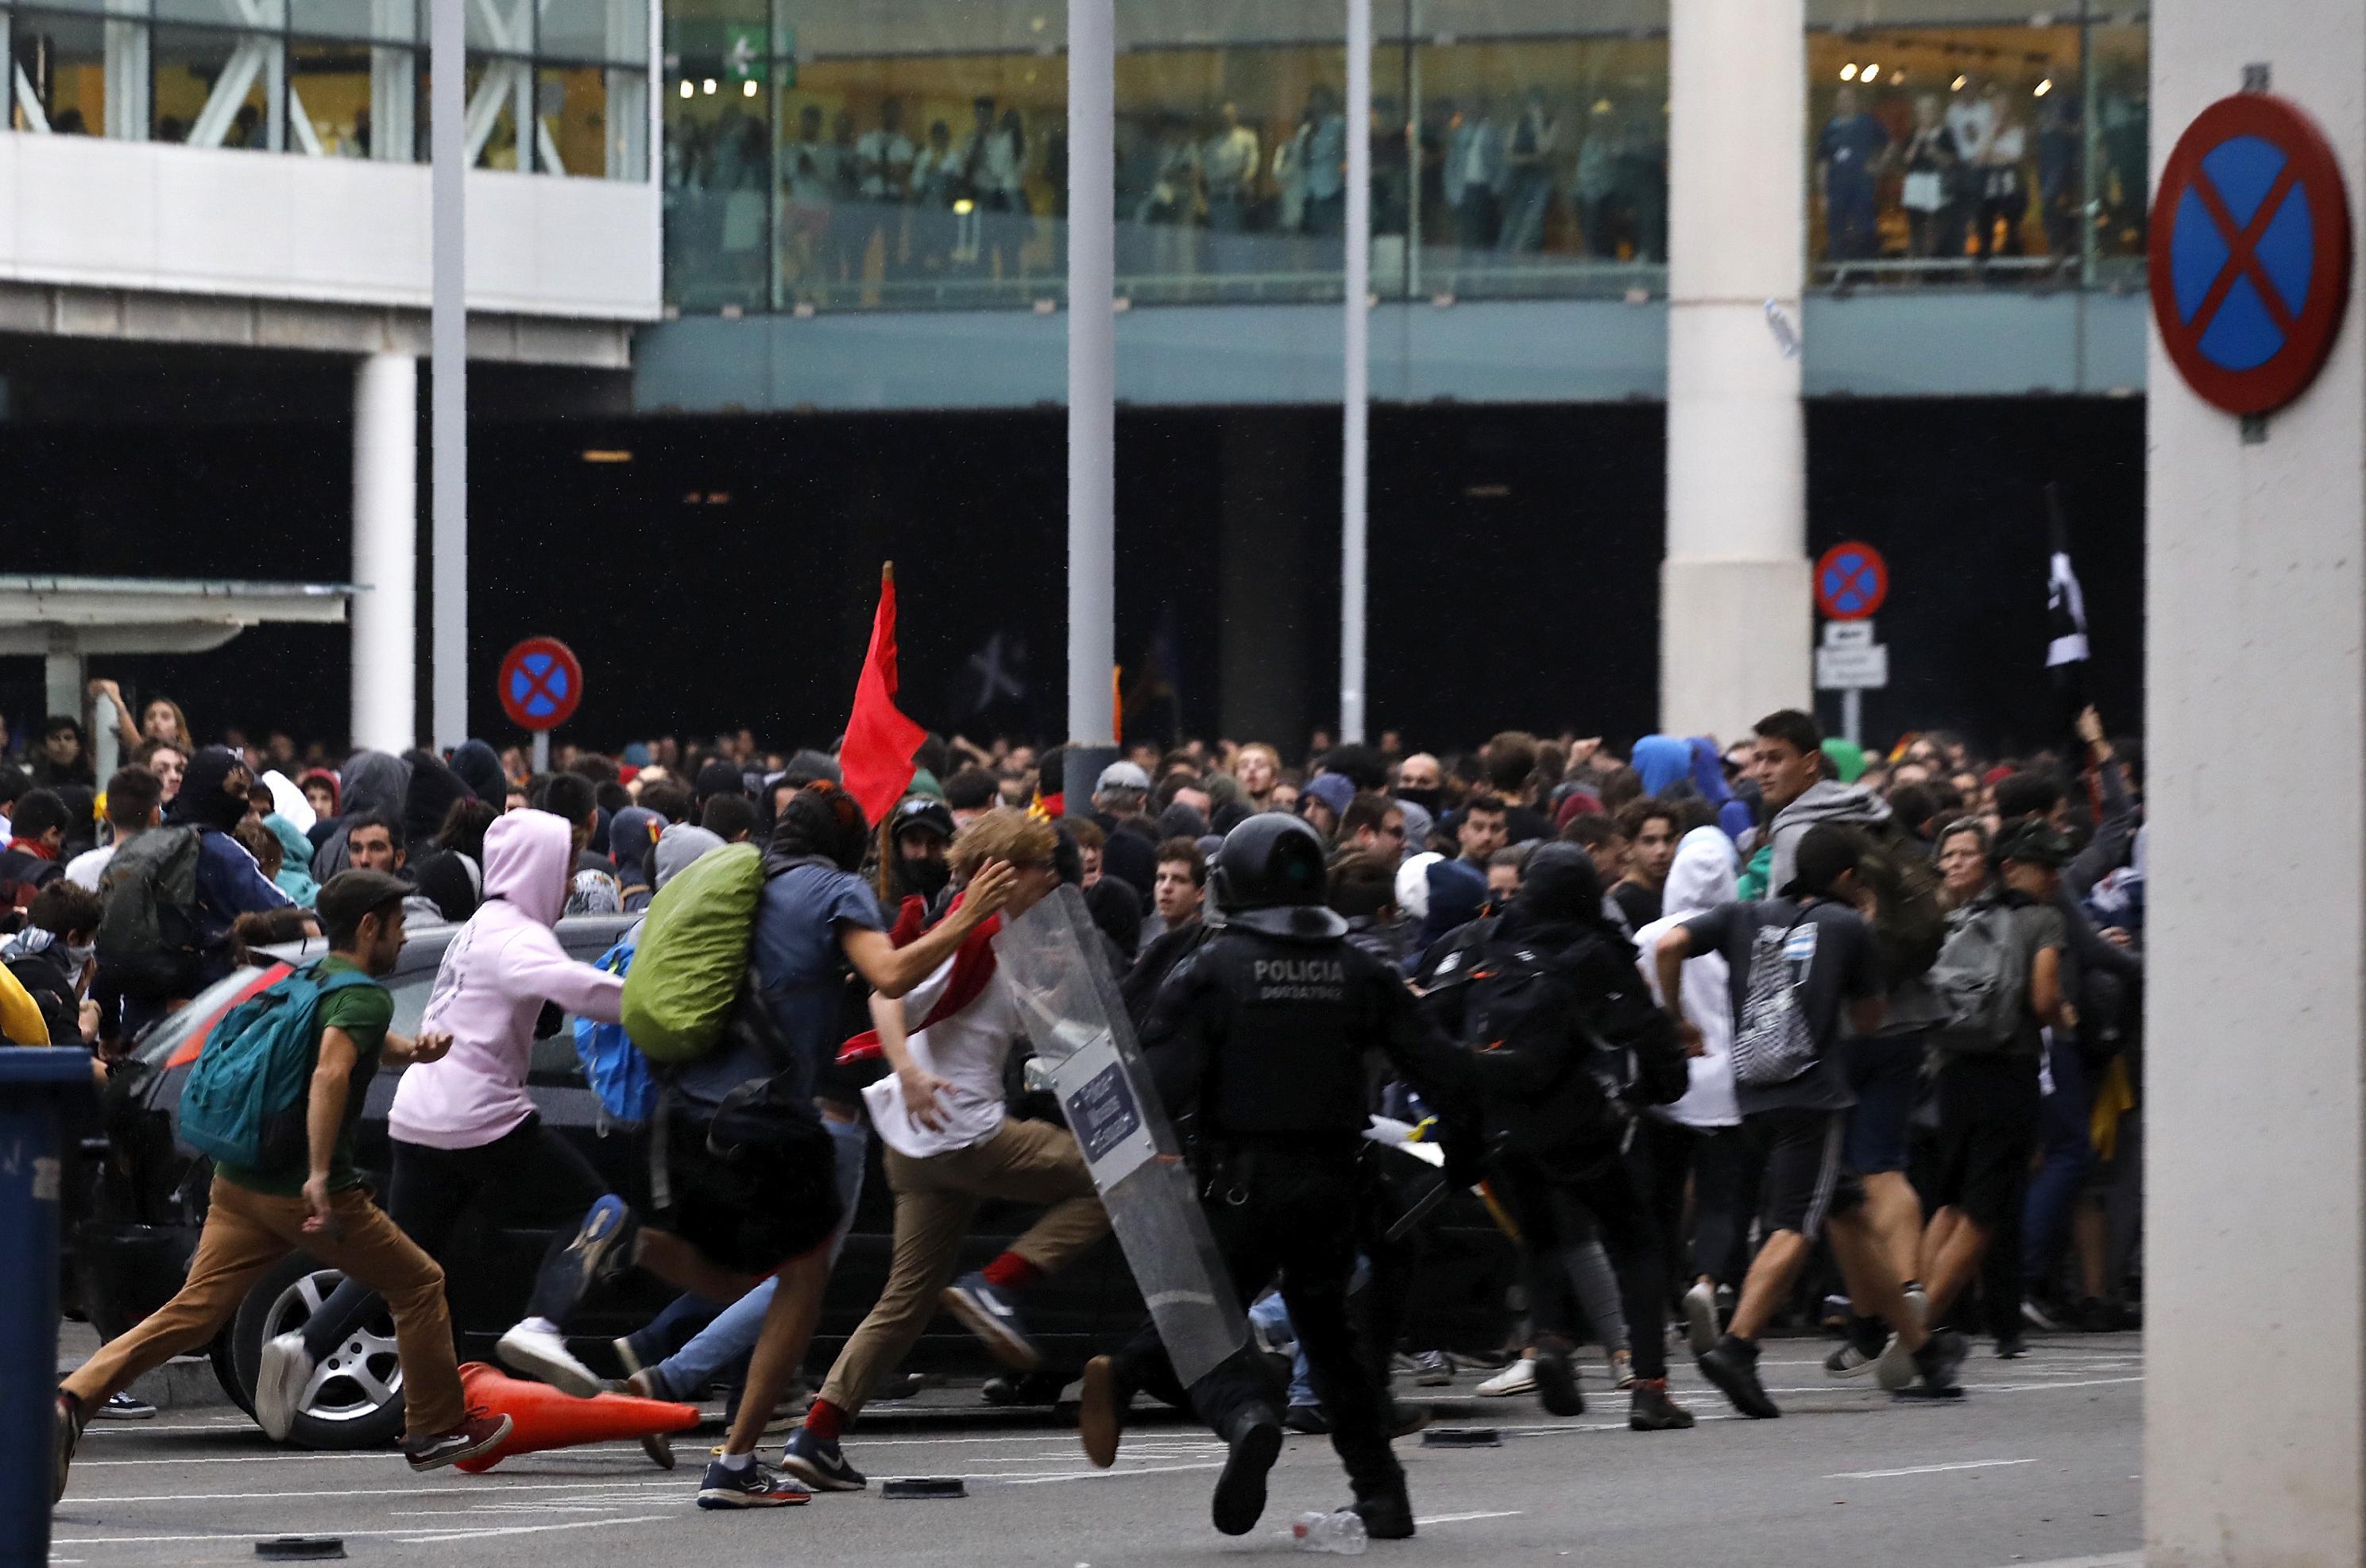 Protesta të dhunshme në Barcelonë, manifestuesit përleshen me policinë